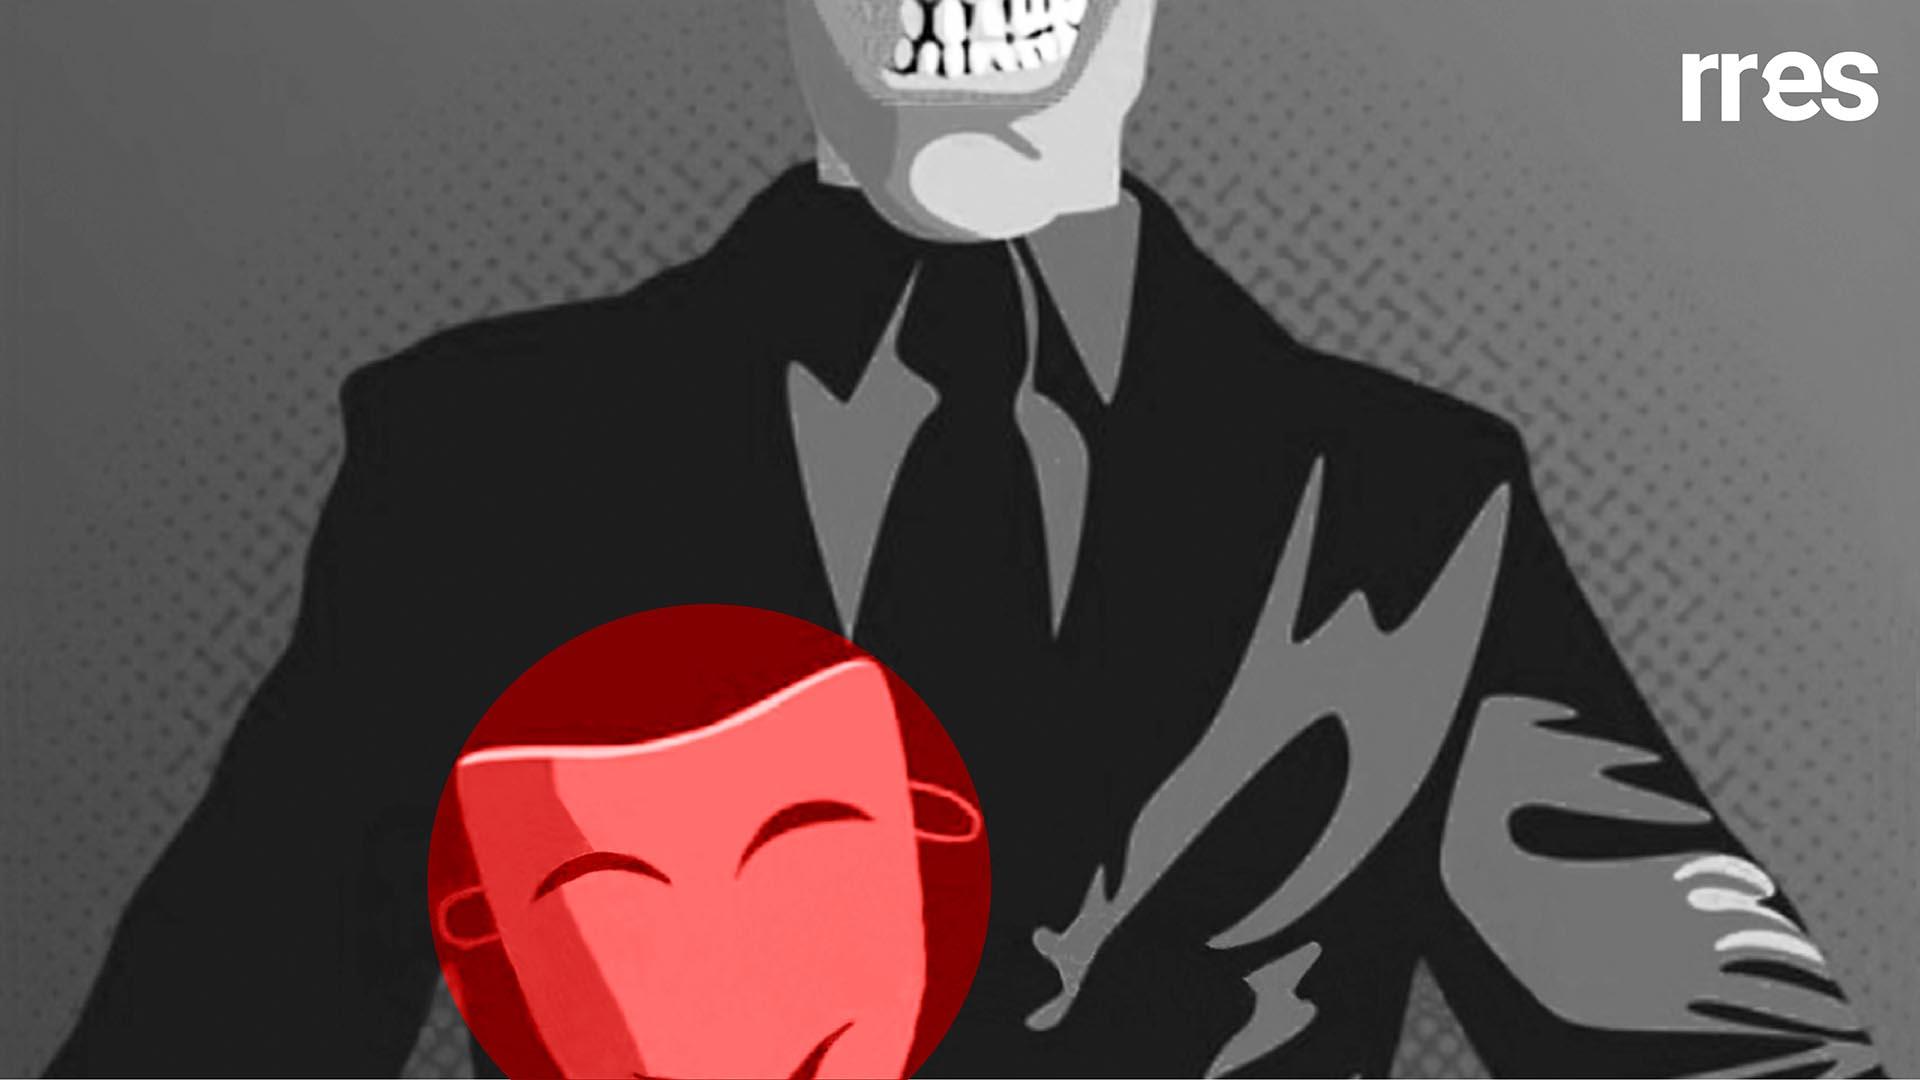 ¿Negocian los autócratas?, por Julio Castillo Sagarzazu